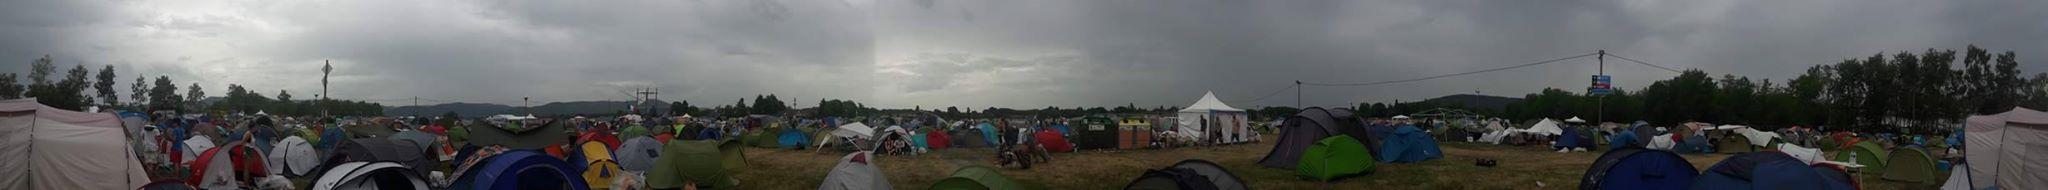 camping-eurocks